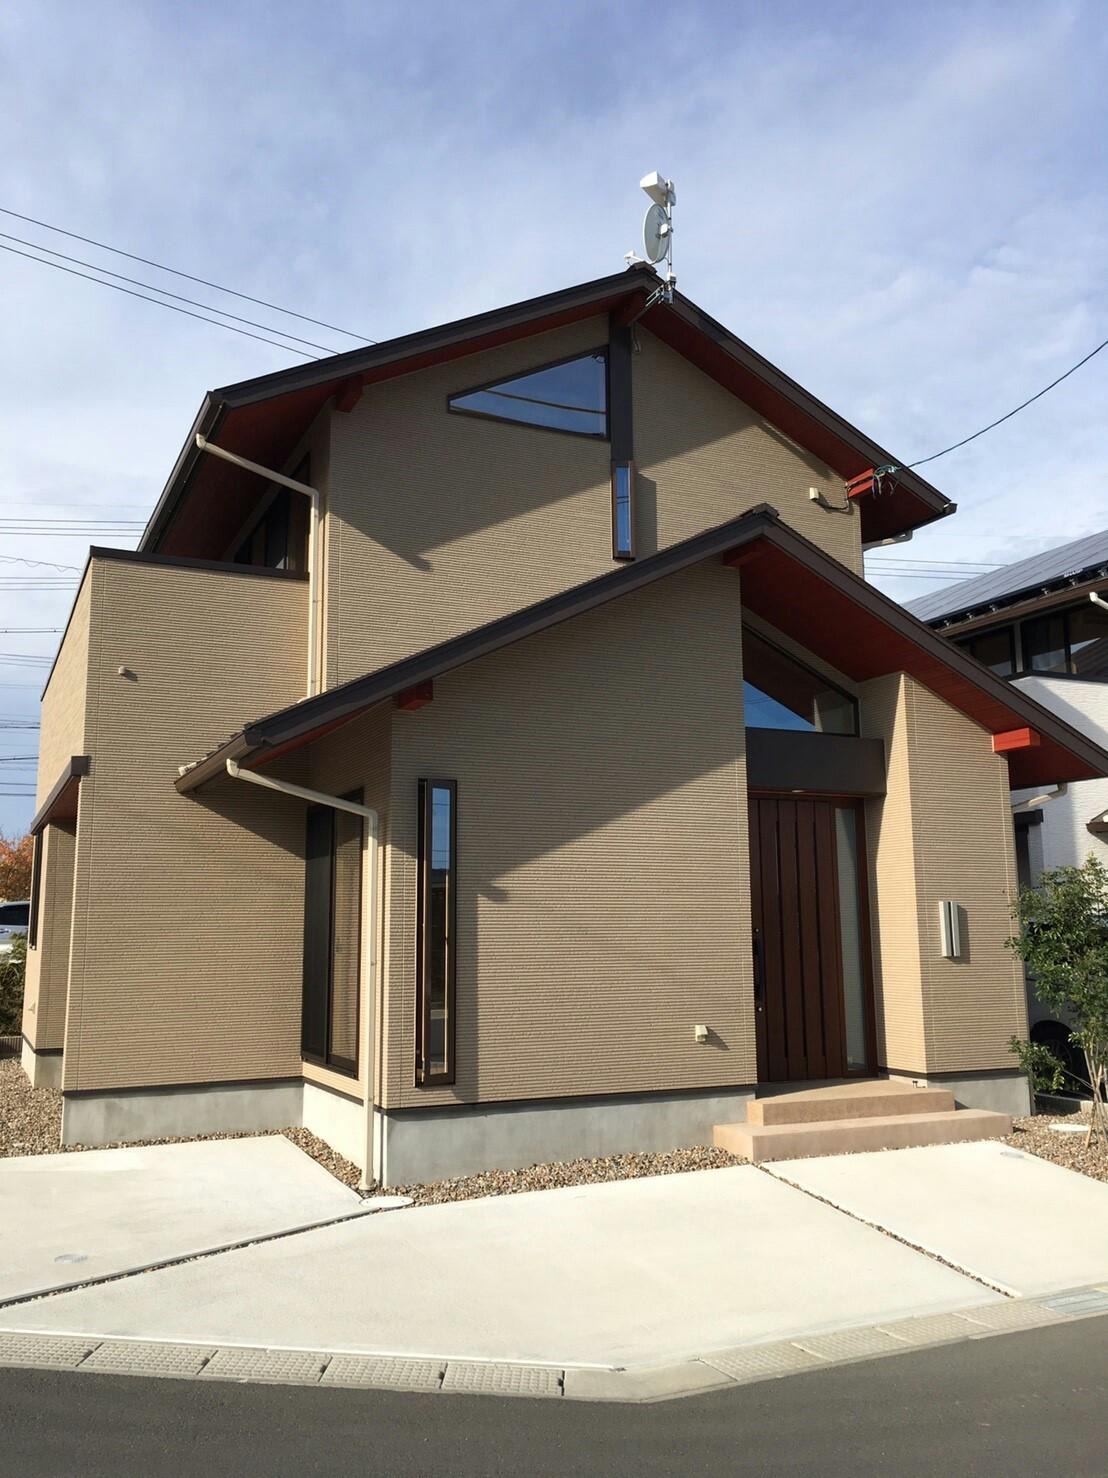 新築分譲住宅 「FT西鹿島駅前 」 好評販売中です!